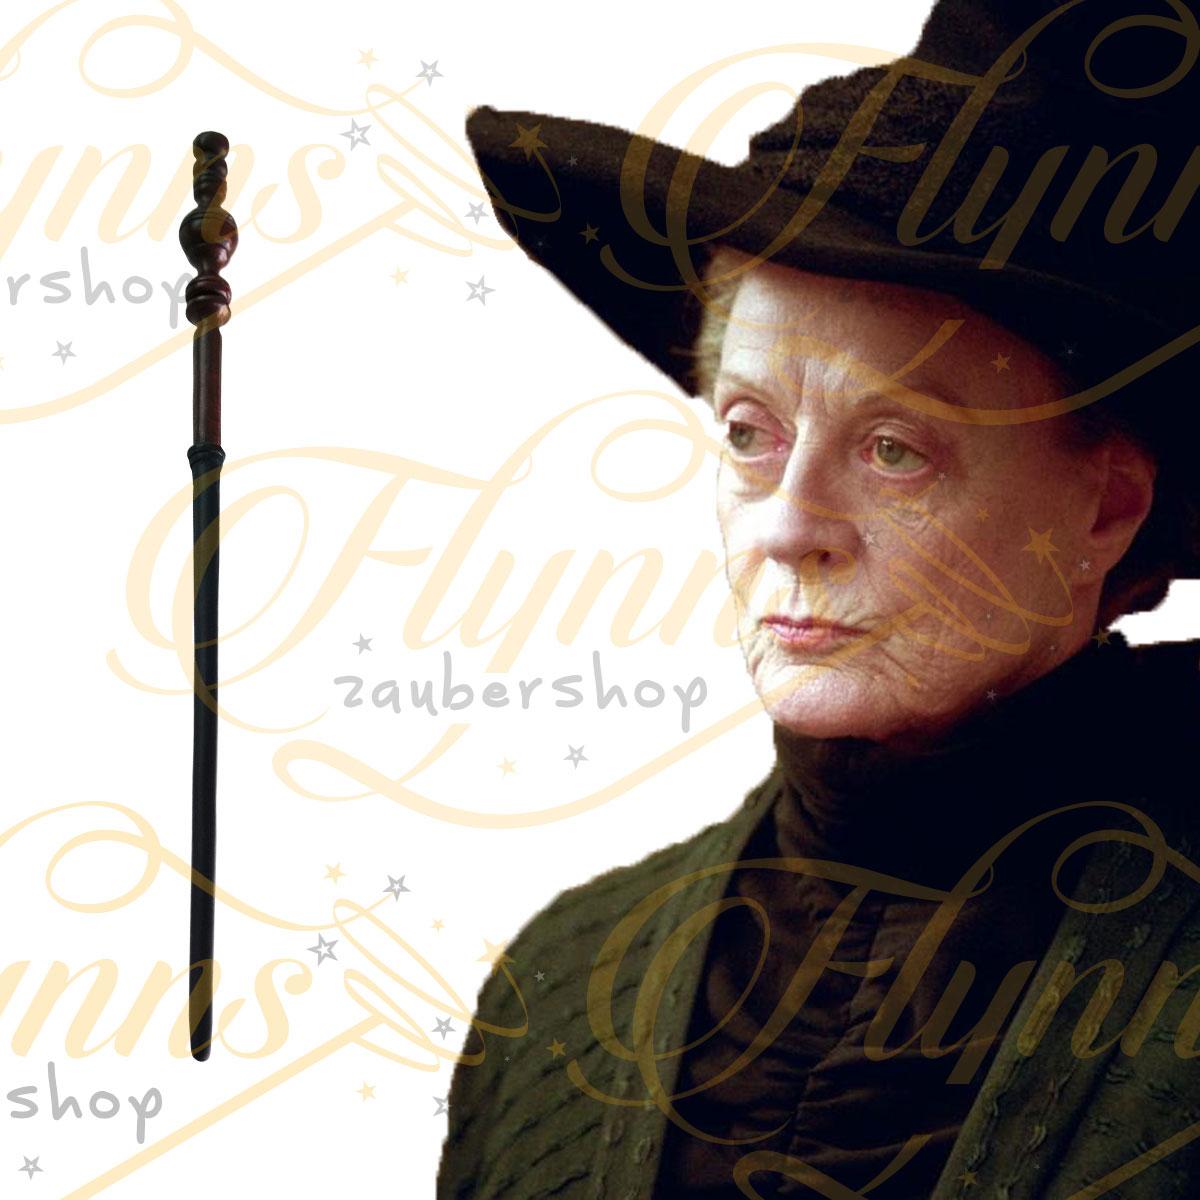 Minerva McGonagall | Harry Potter | Flynns Zaubershop